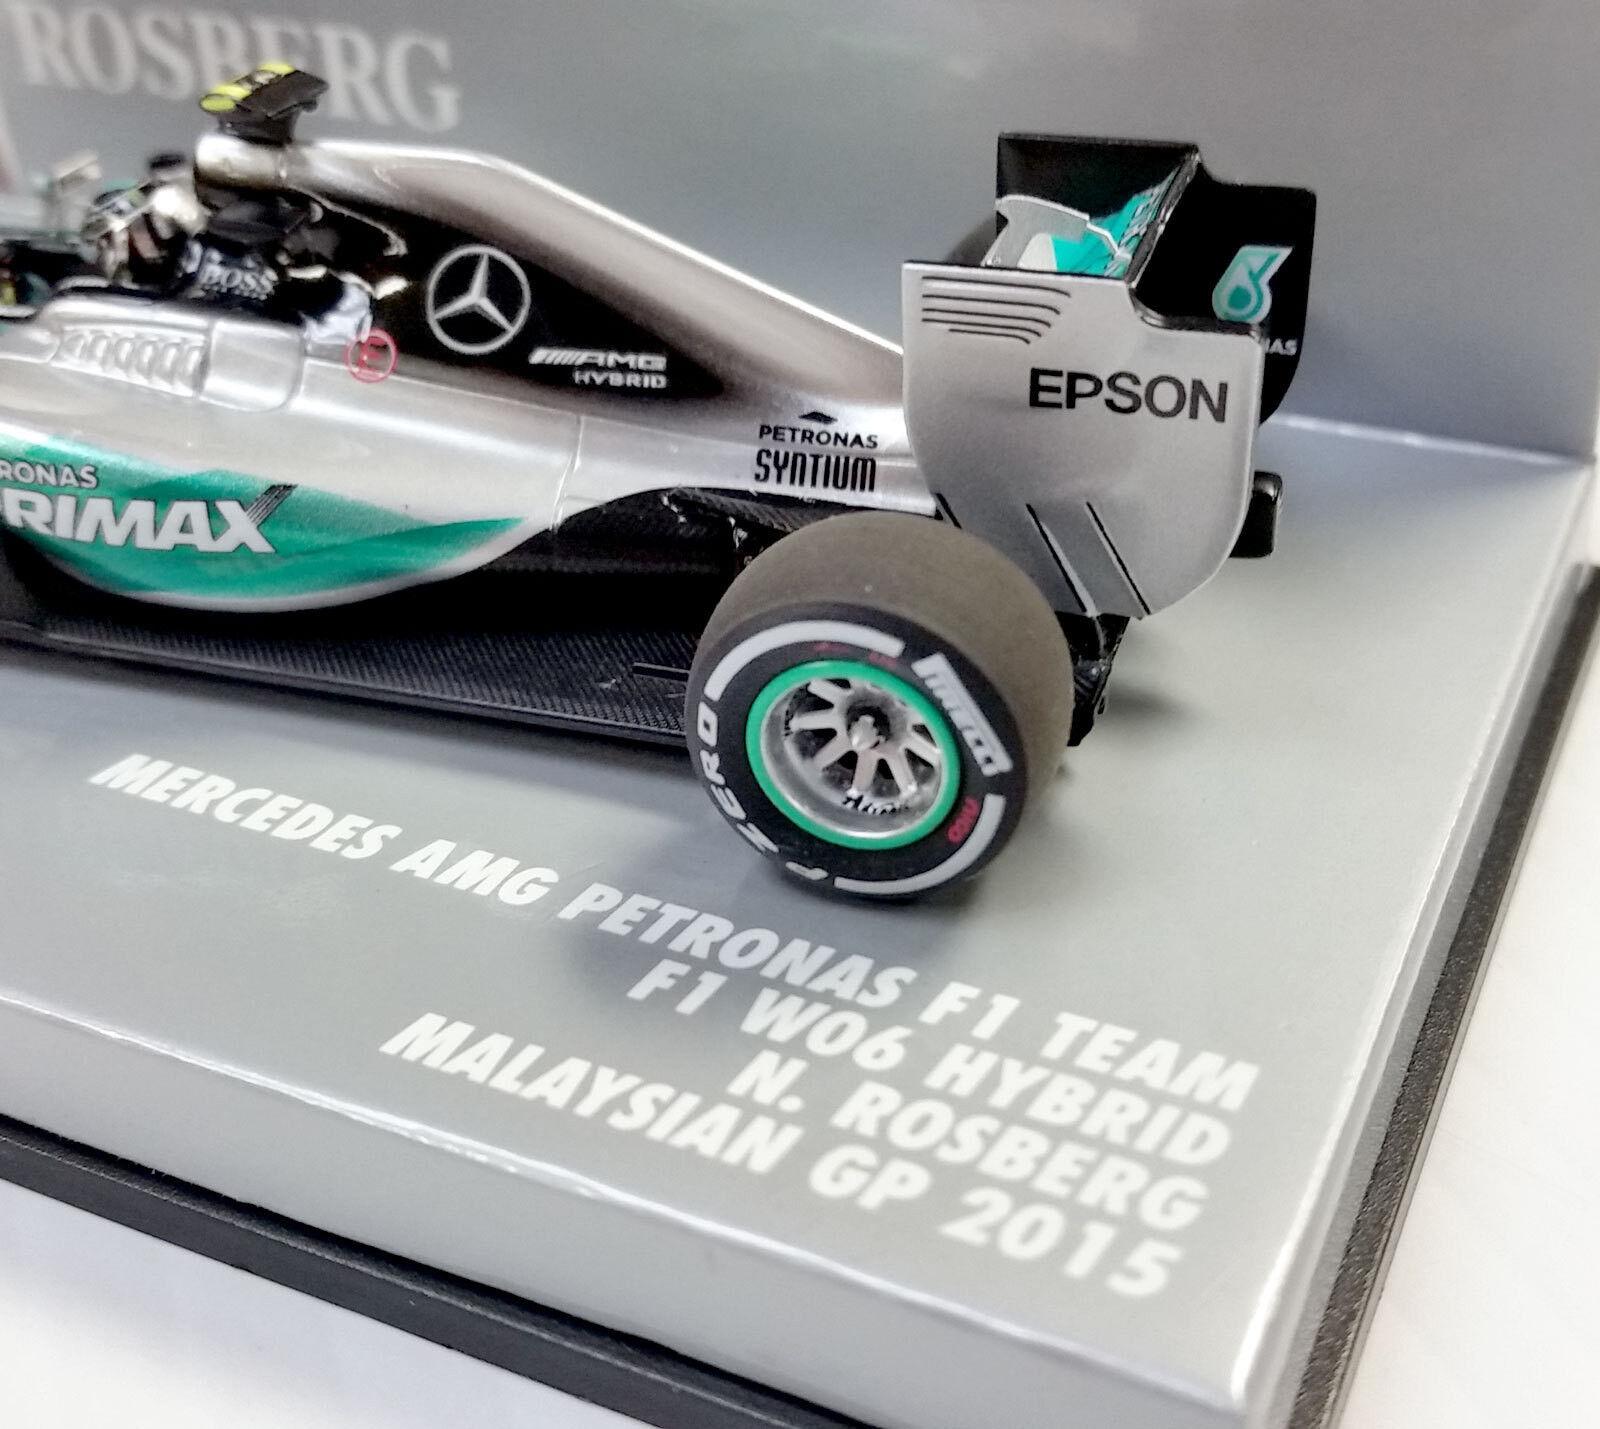 mejor calidad mejor precio Minichamps 1 43 2015 De De De Mercedes Amg Petronas F1 Team w06 Nico Rosberg 417150006  buena reputación